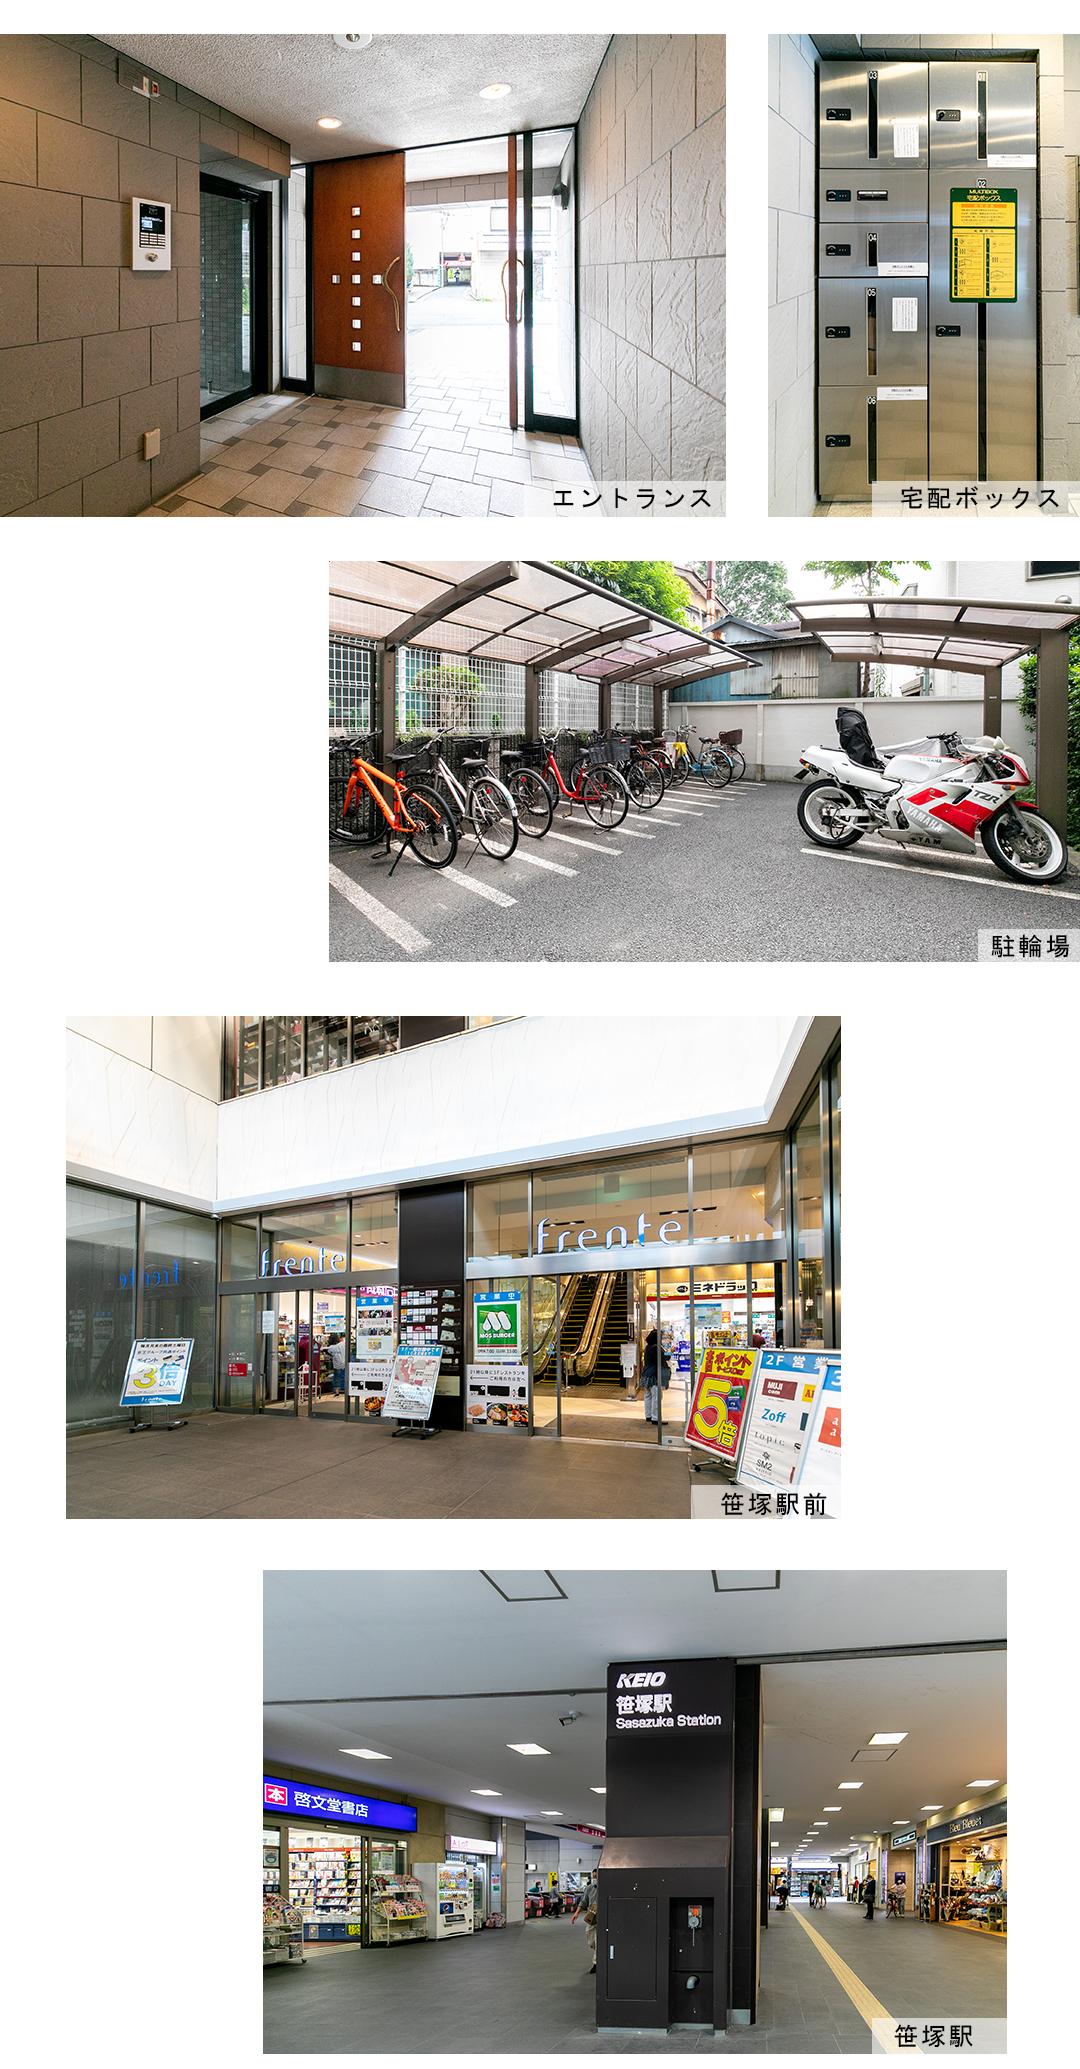 ホームズ笹塚の周辺情報